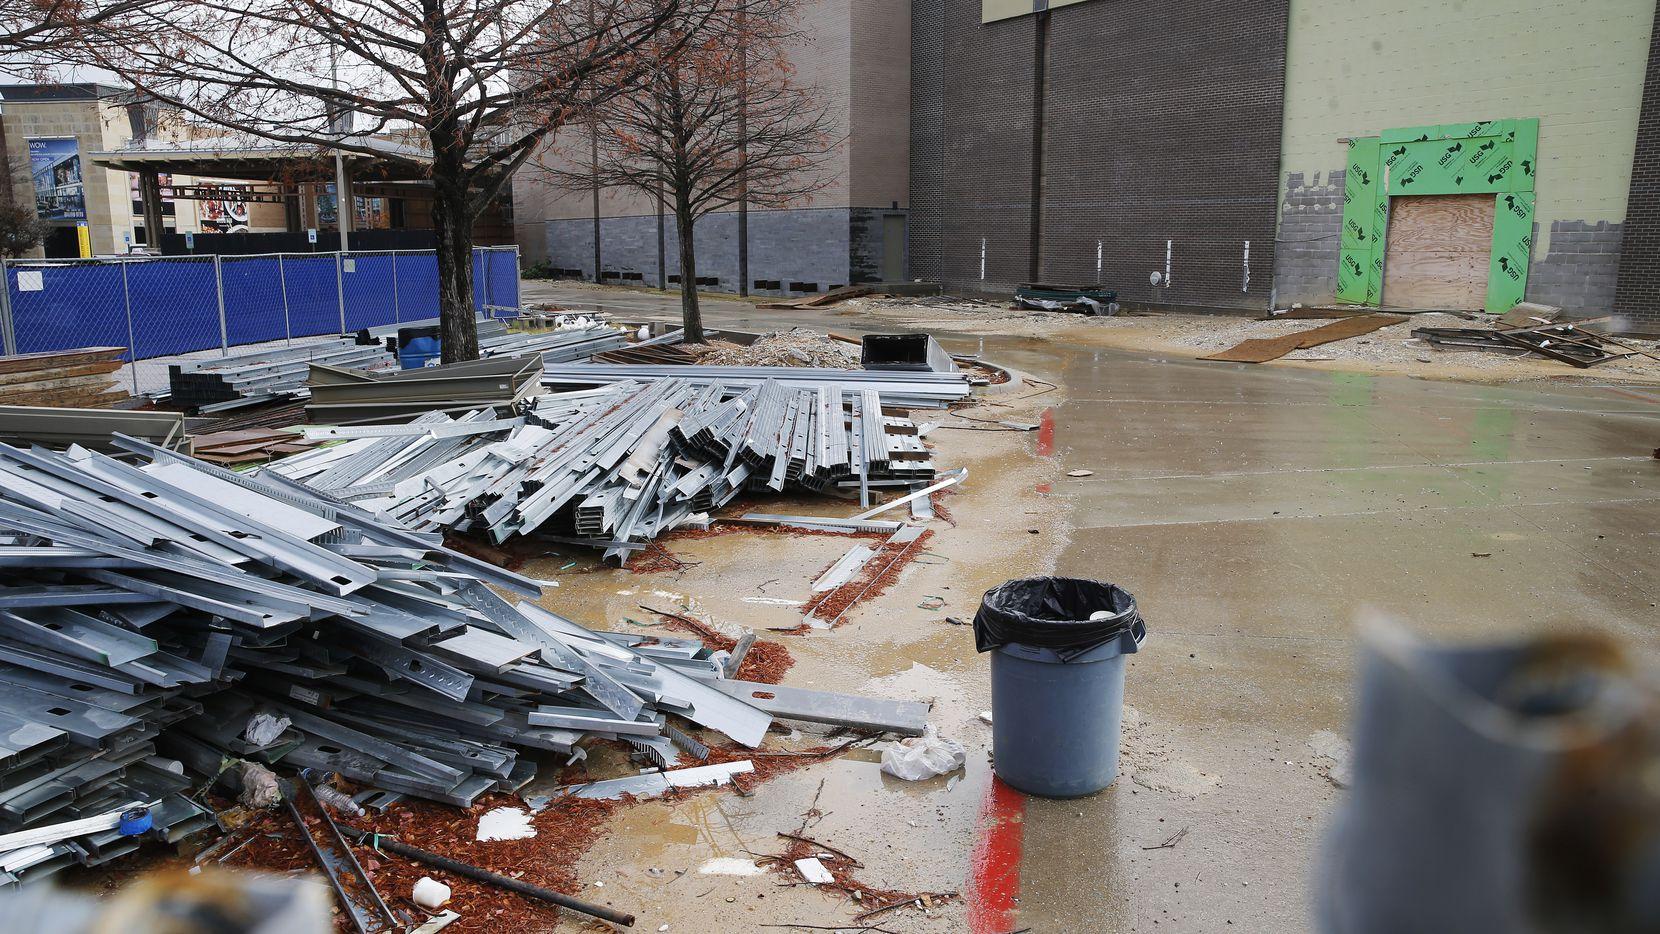 La construcción de un nuevo multiplex de Cinépolis en Plano quedó cancelada debido a la pandemia.